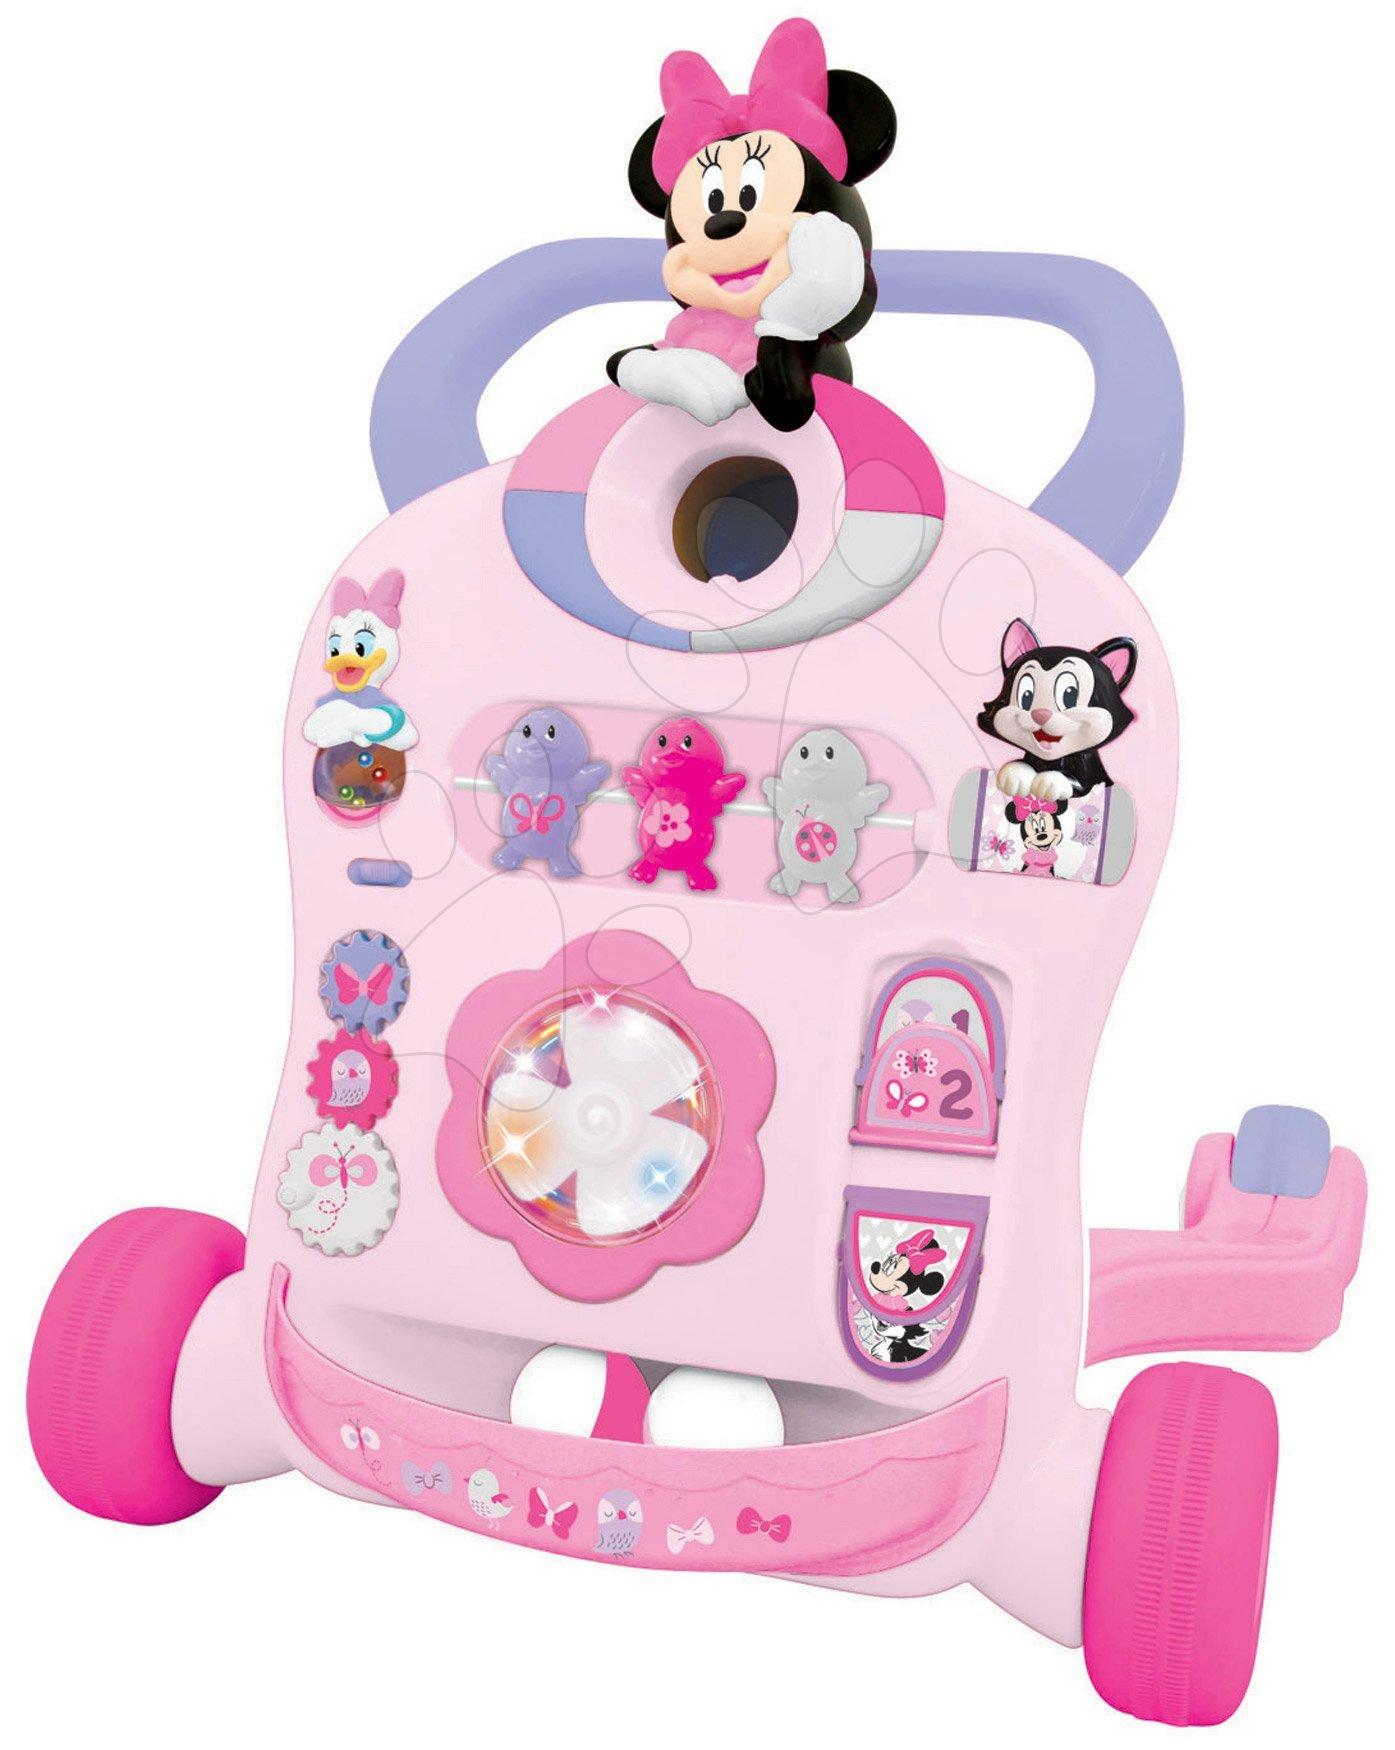 Chodítko so zvukom a svetlom Minnie Mouse&Friends Activity Walker Kiddieland od 9 mesiacov